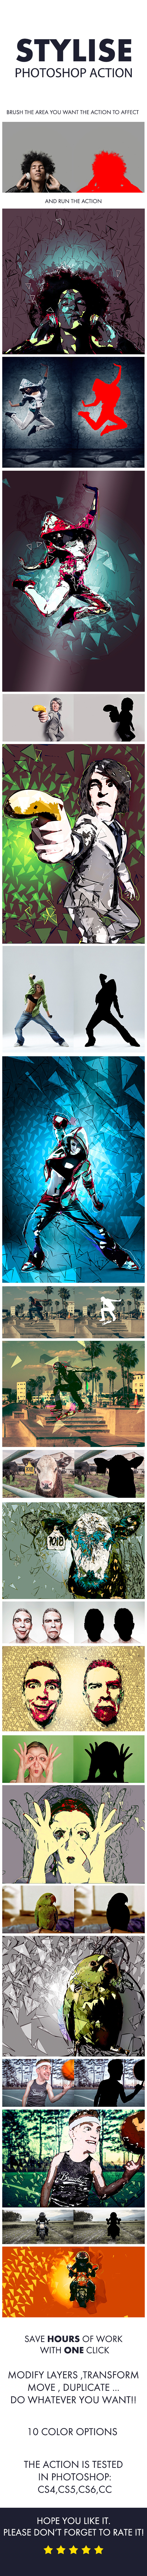 Stylise Photoshop Action - Actions Photoshop